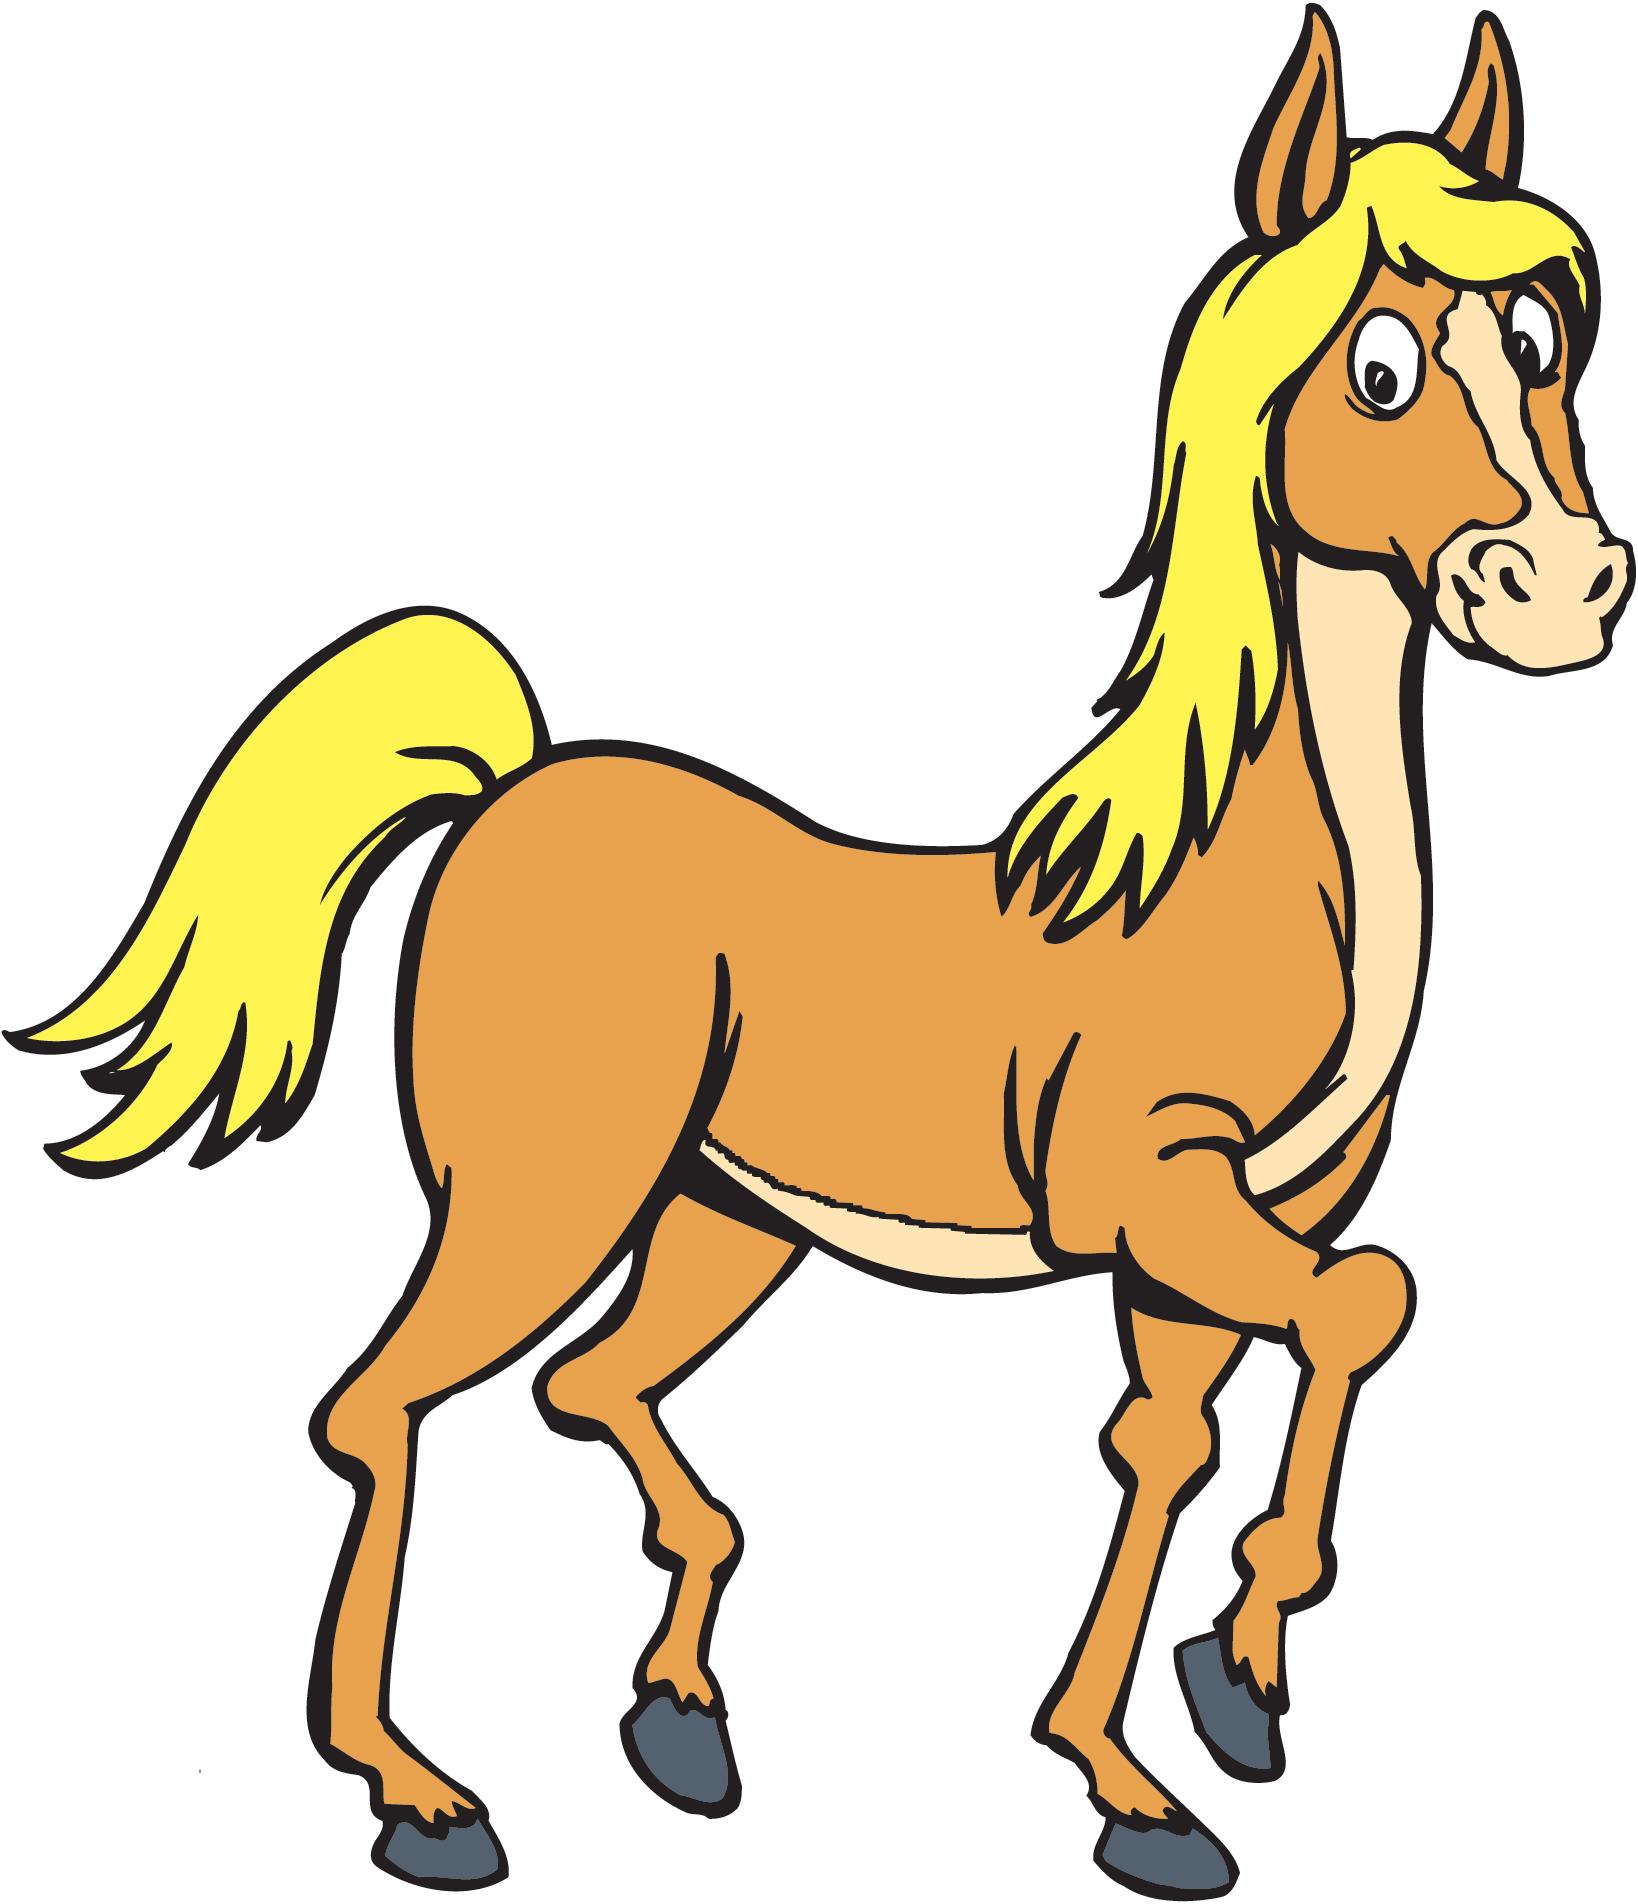 Free Horse Clip Art, Download Free Clip Art, Free Clip Art.